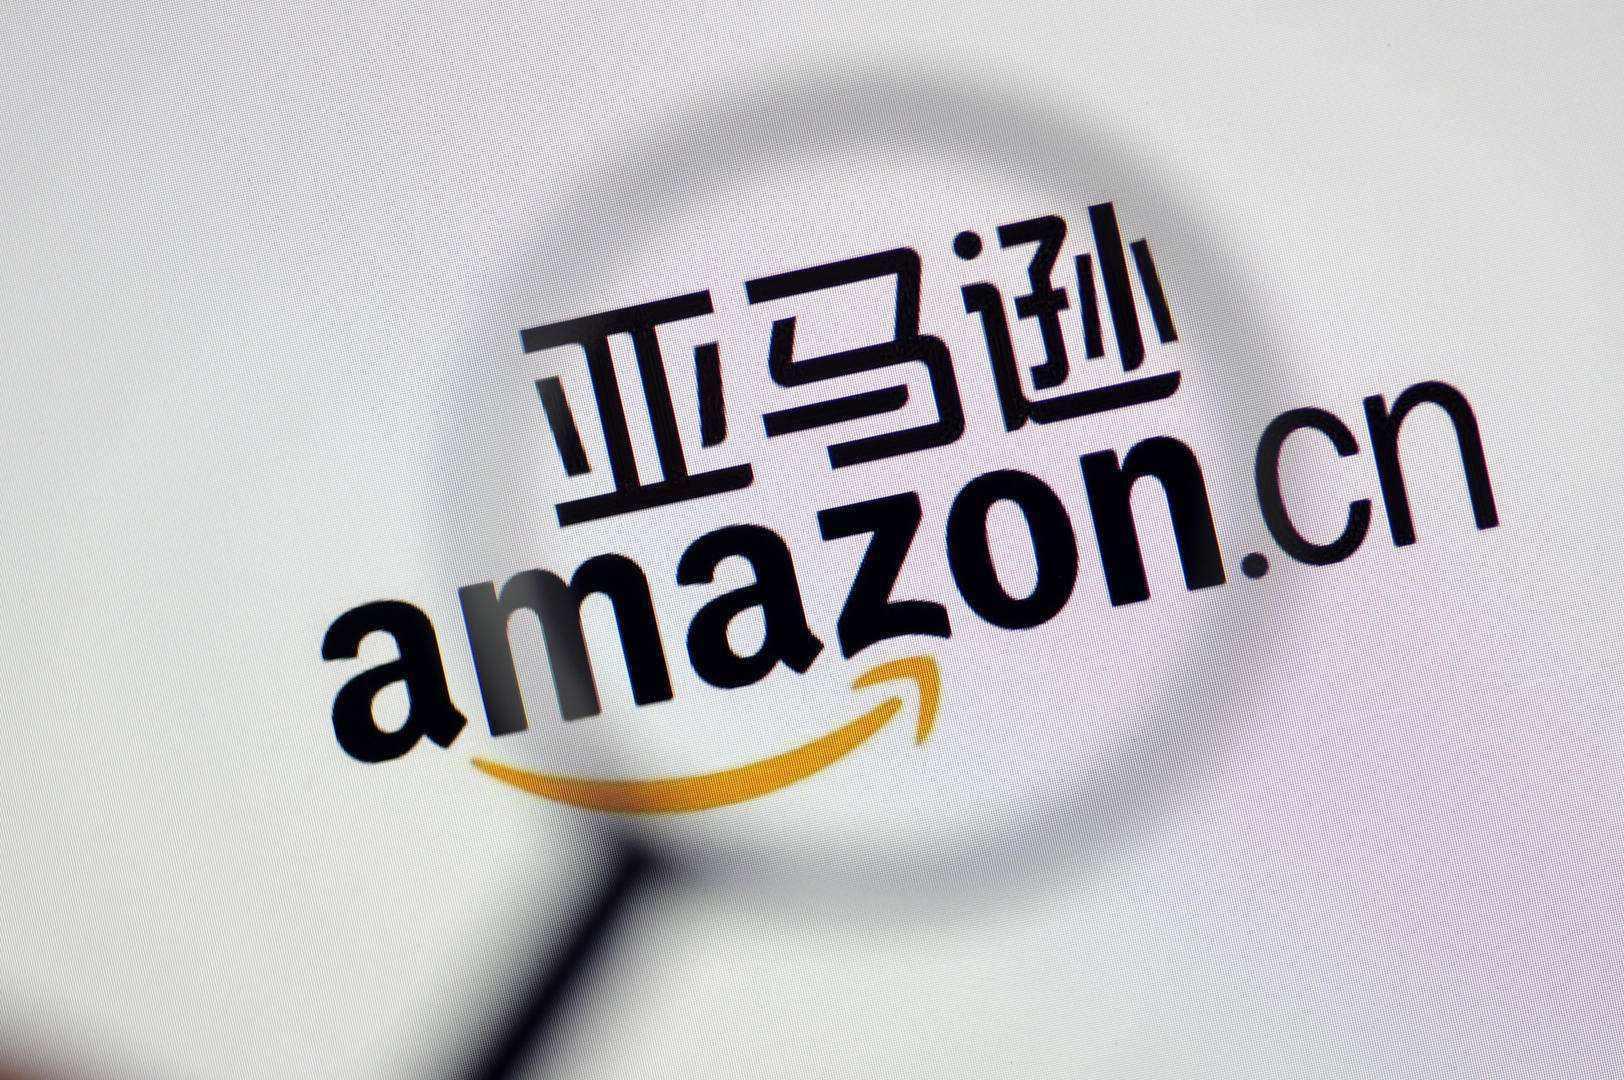 亚马逊电商败退中国,早已写好的剧本?